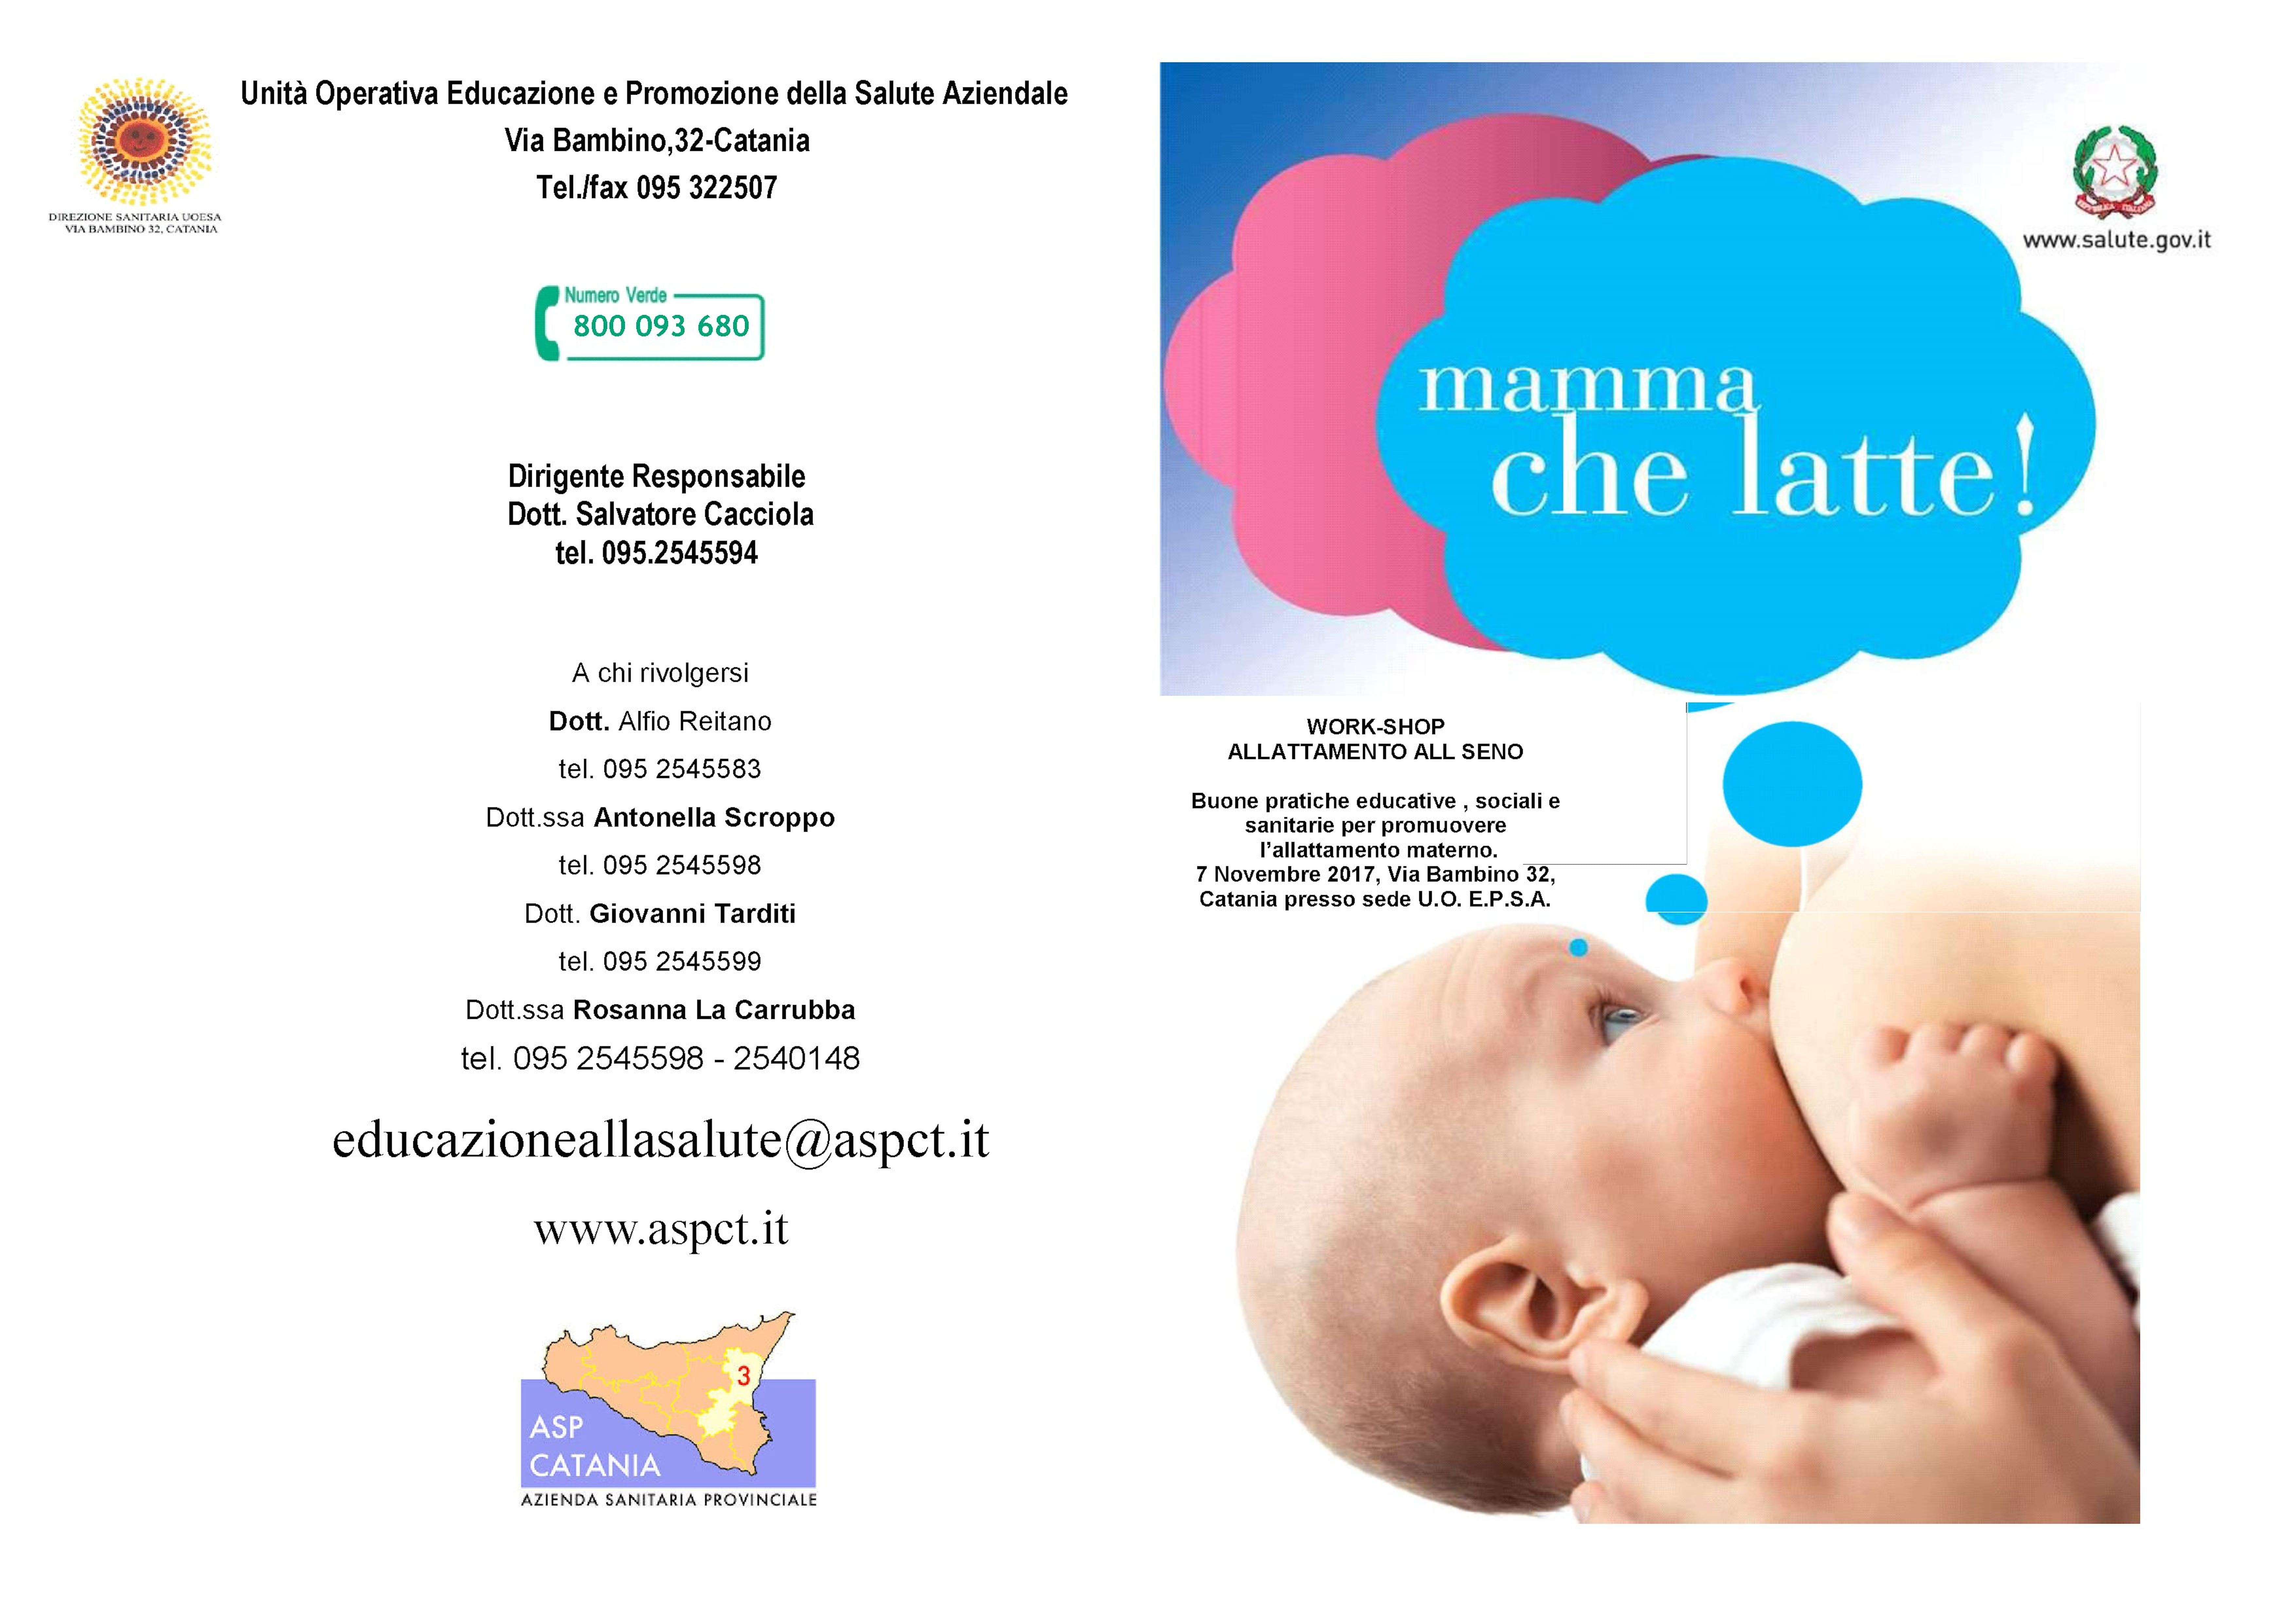 A Catania, workshop sull'allattamento materno